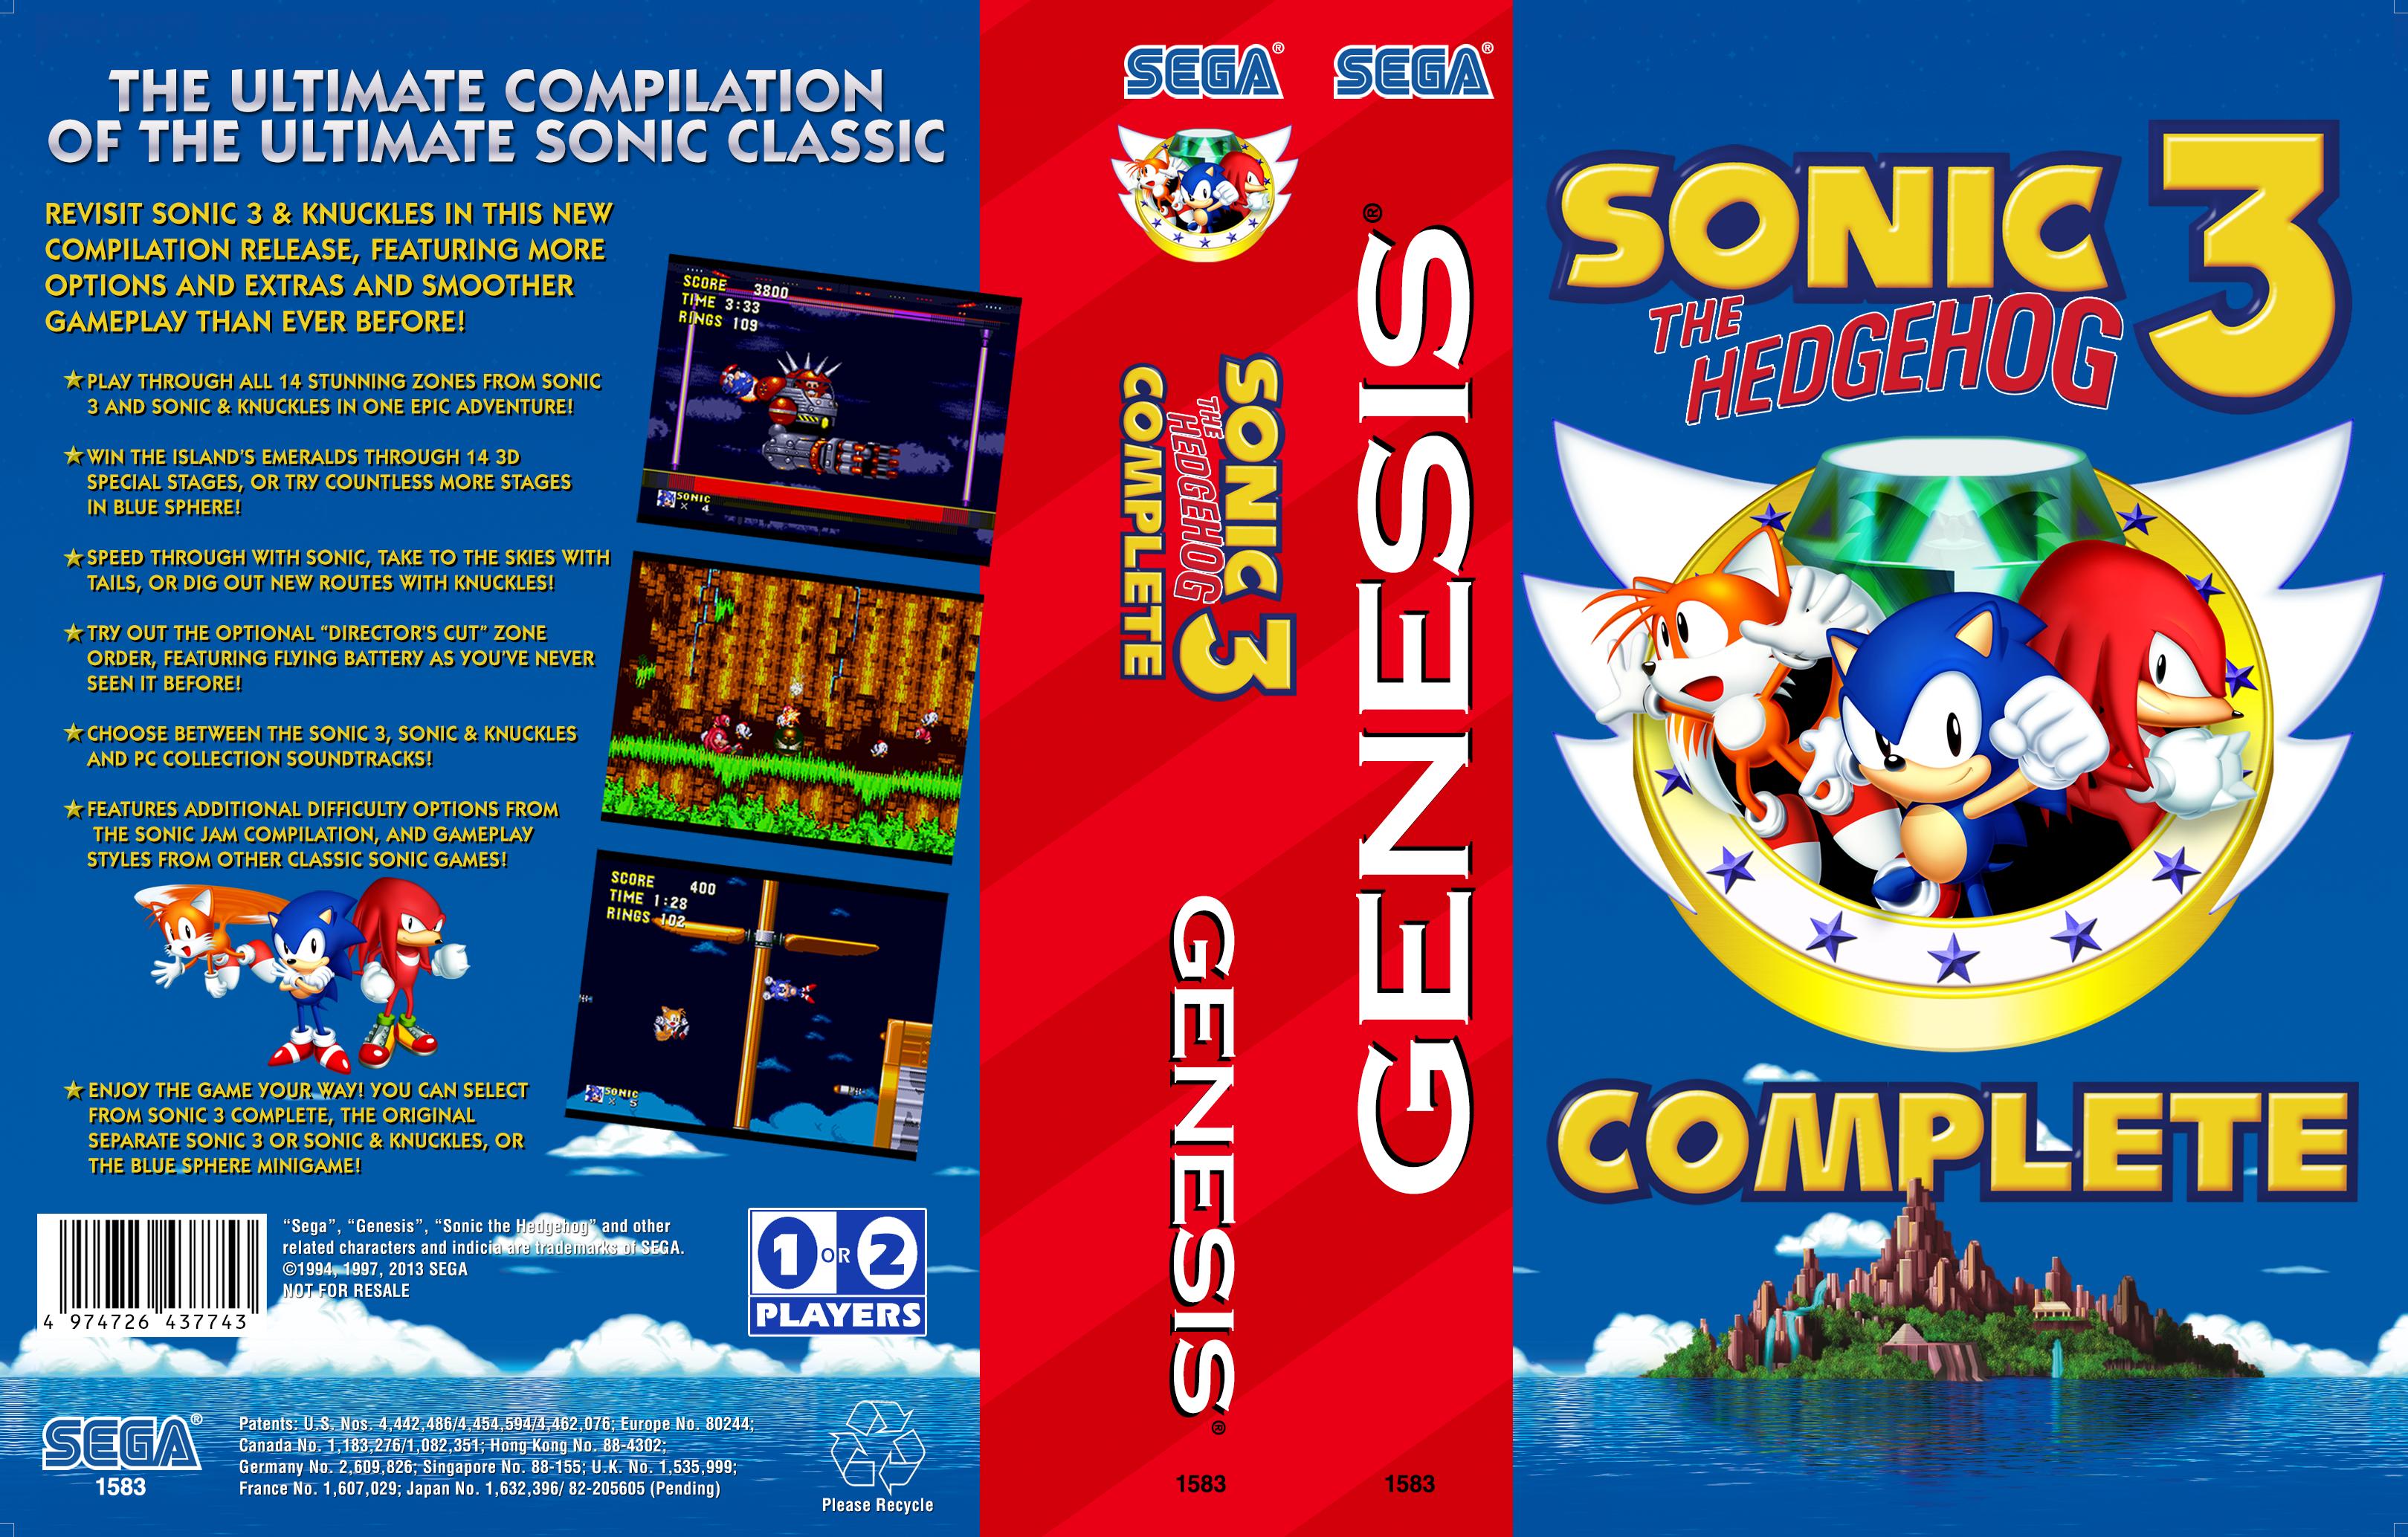 Sonic The Hedgehog 3 Complete Fan Games N Hacks Wiki Fandom